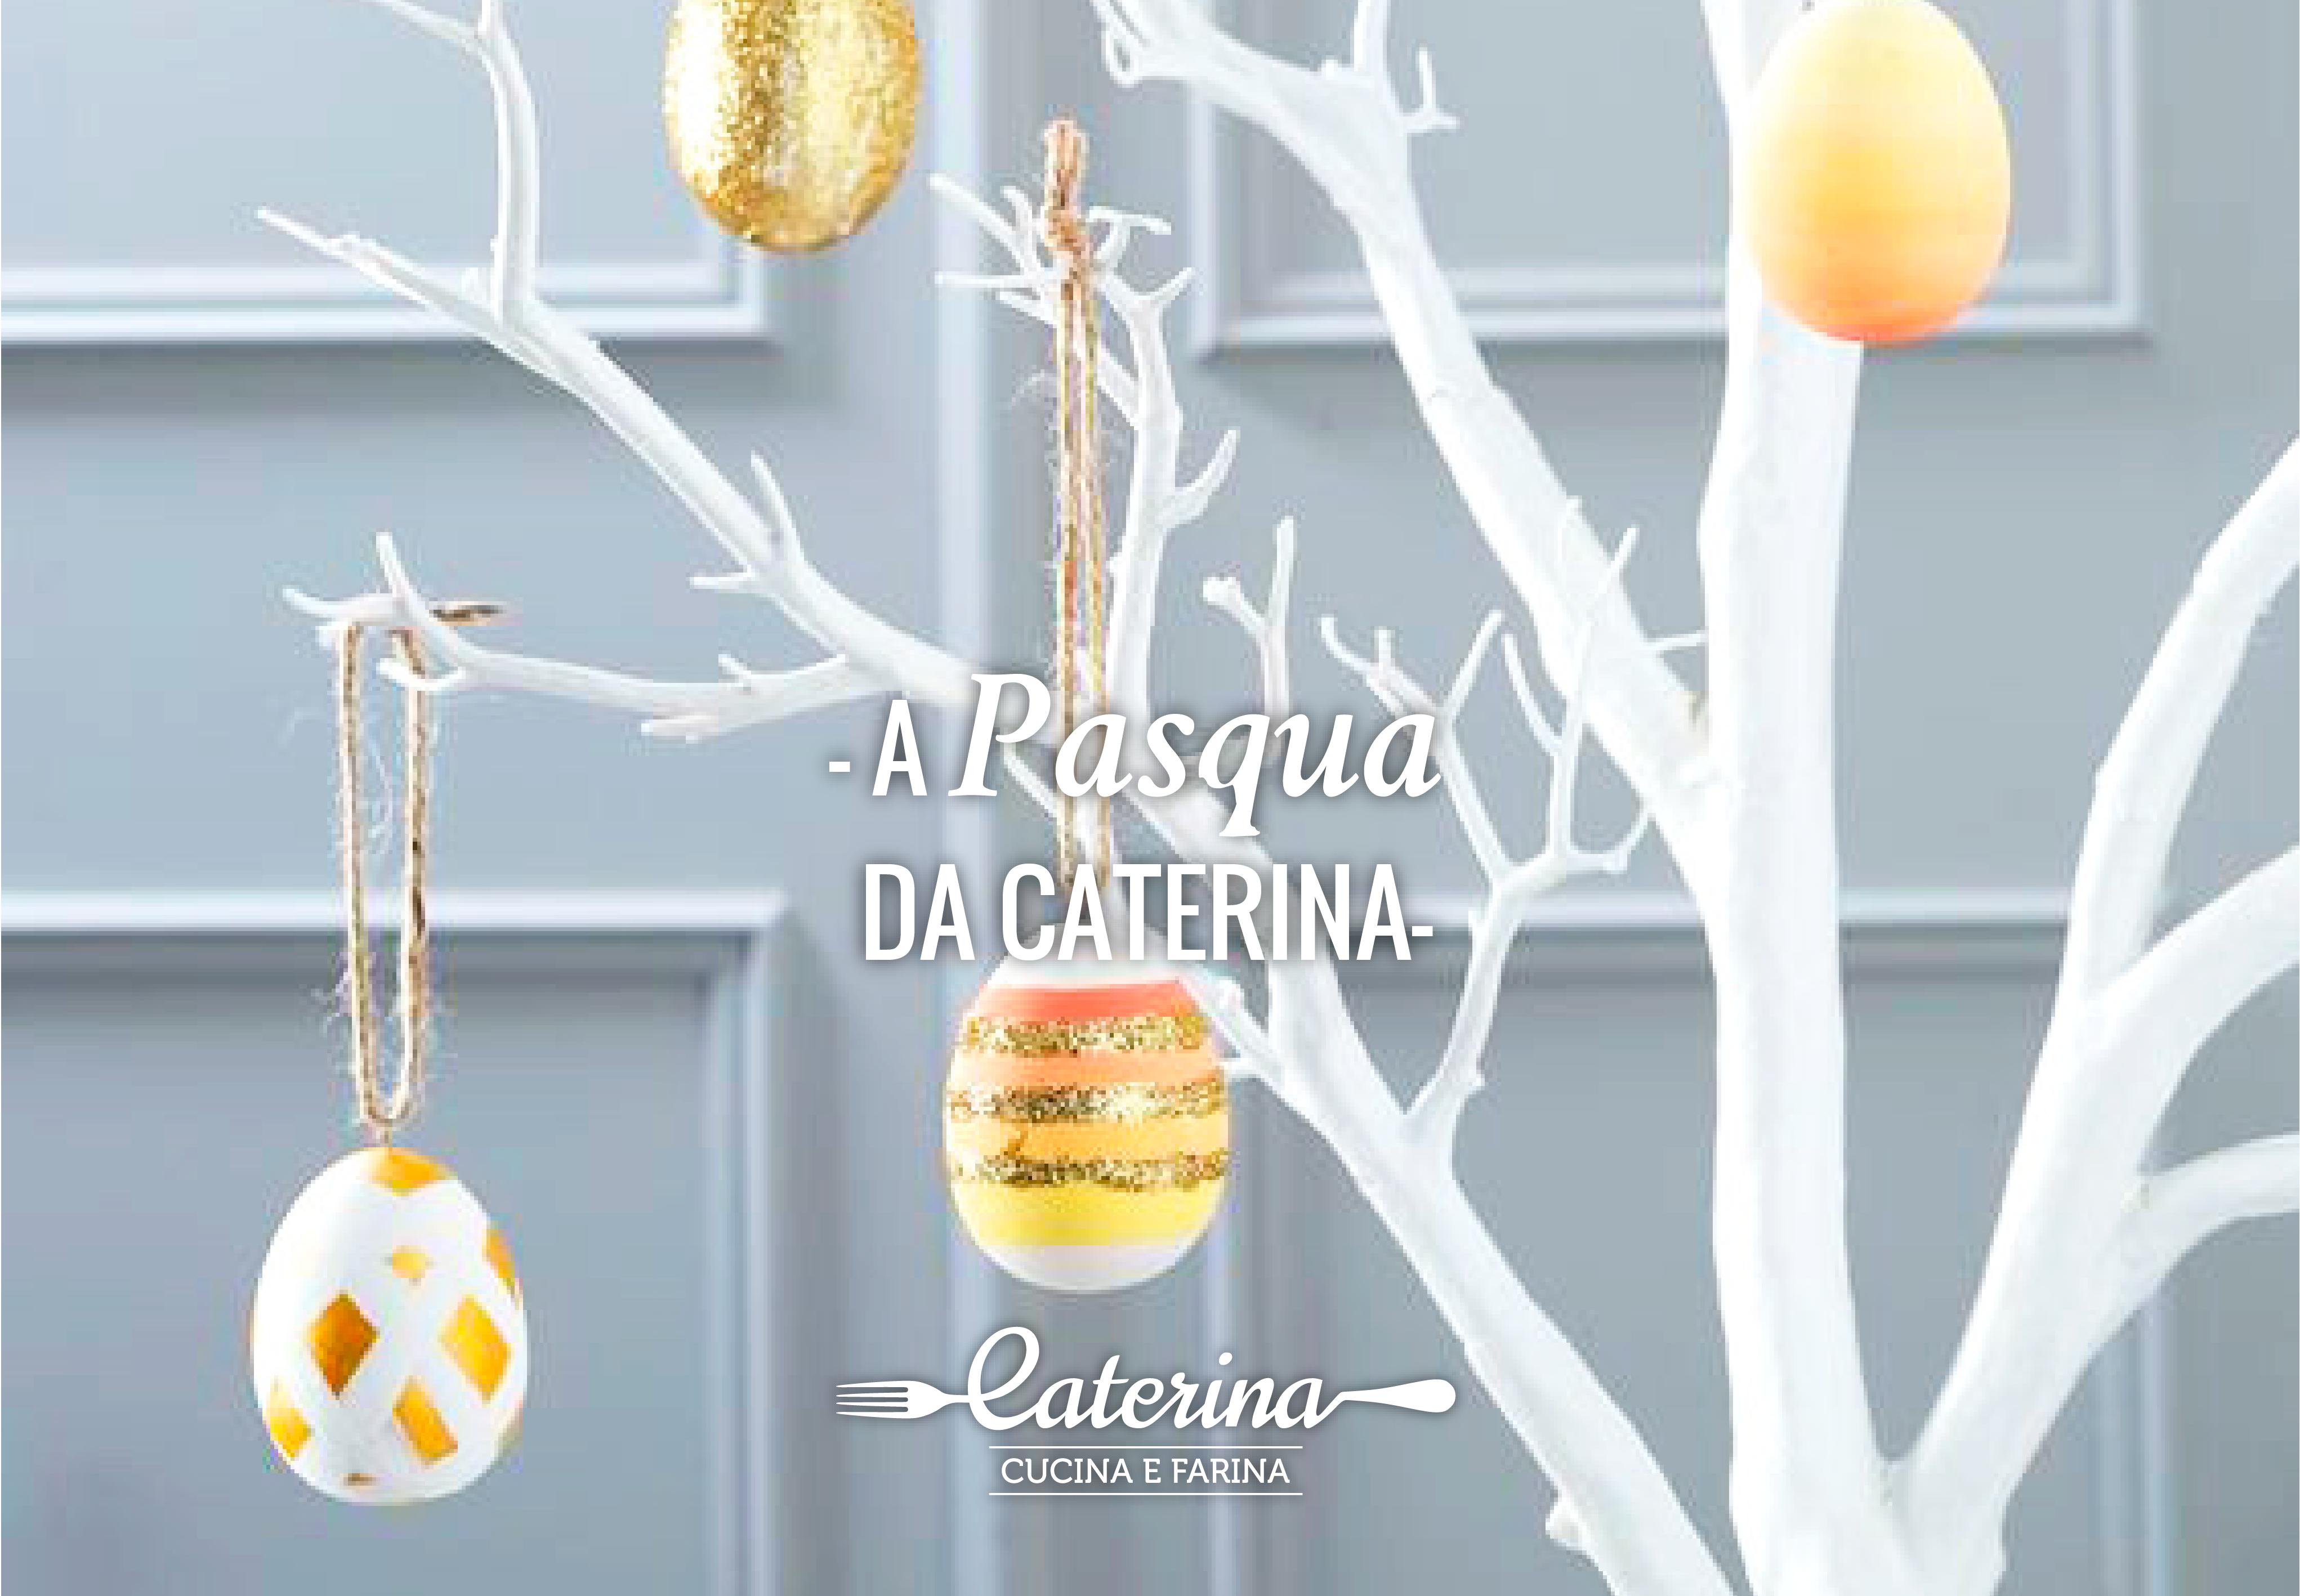 A pasqua da caterina caterina cucina e farina - Caterina cucina e farina ...